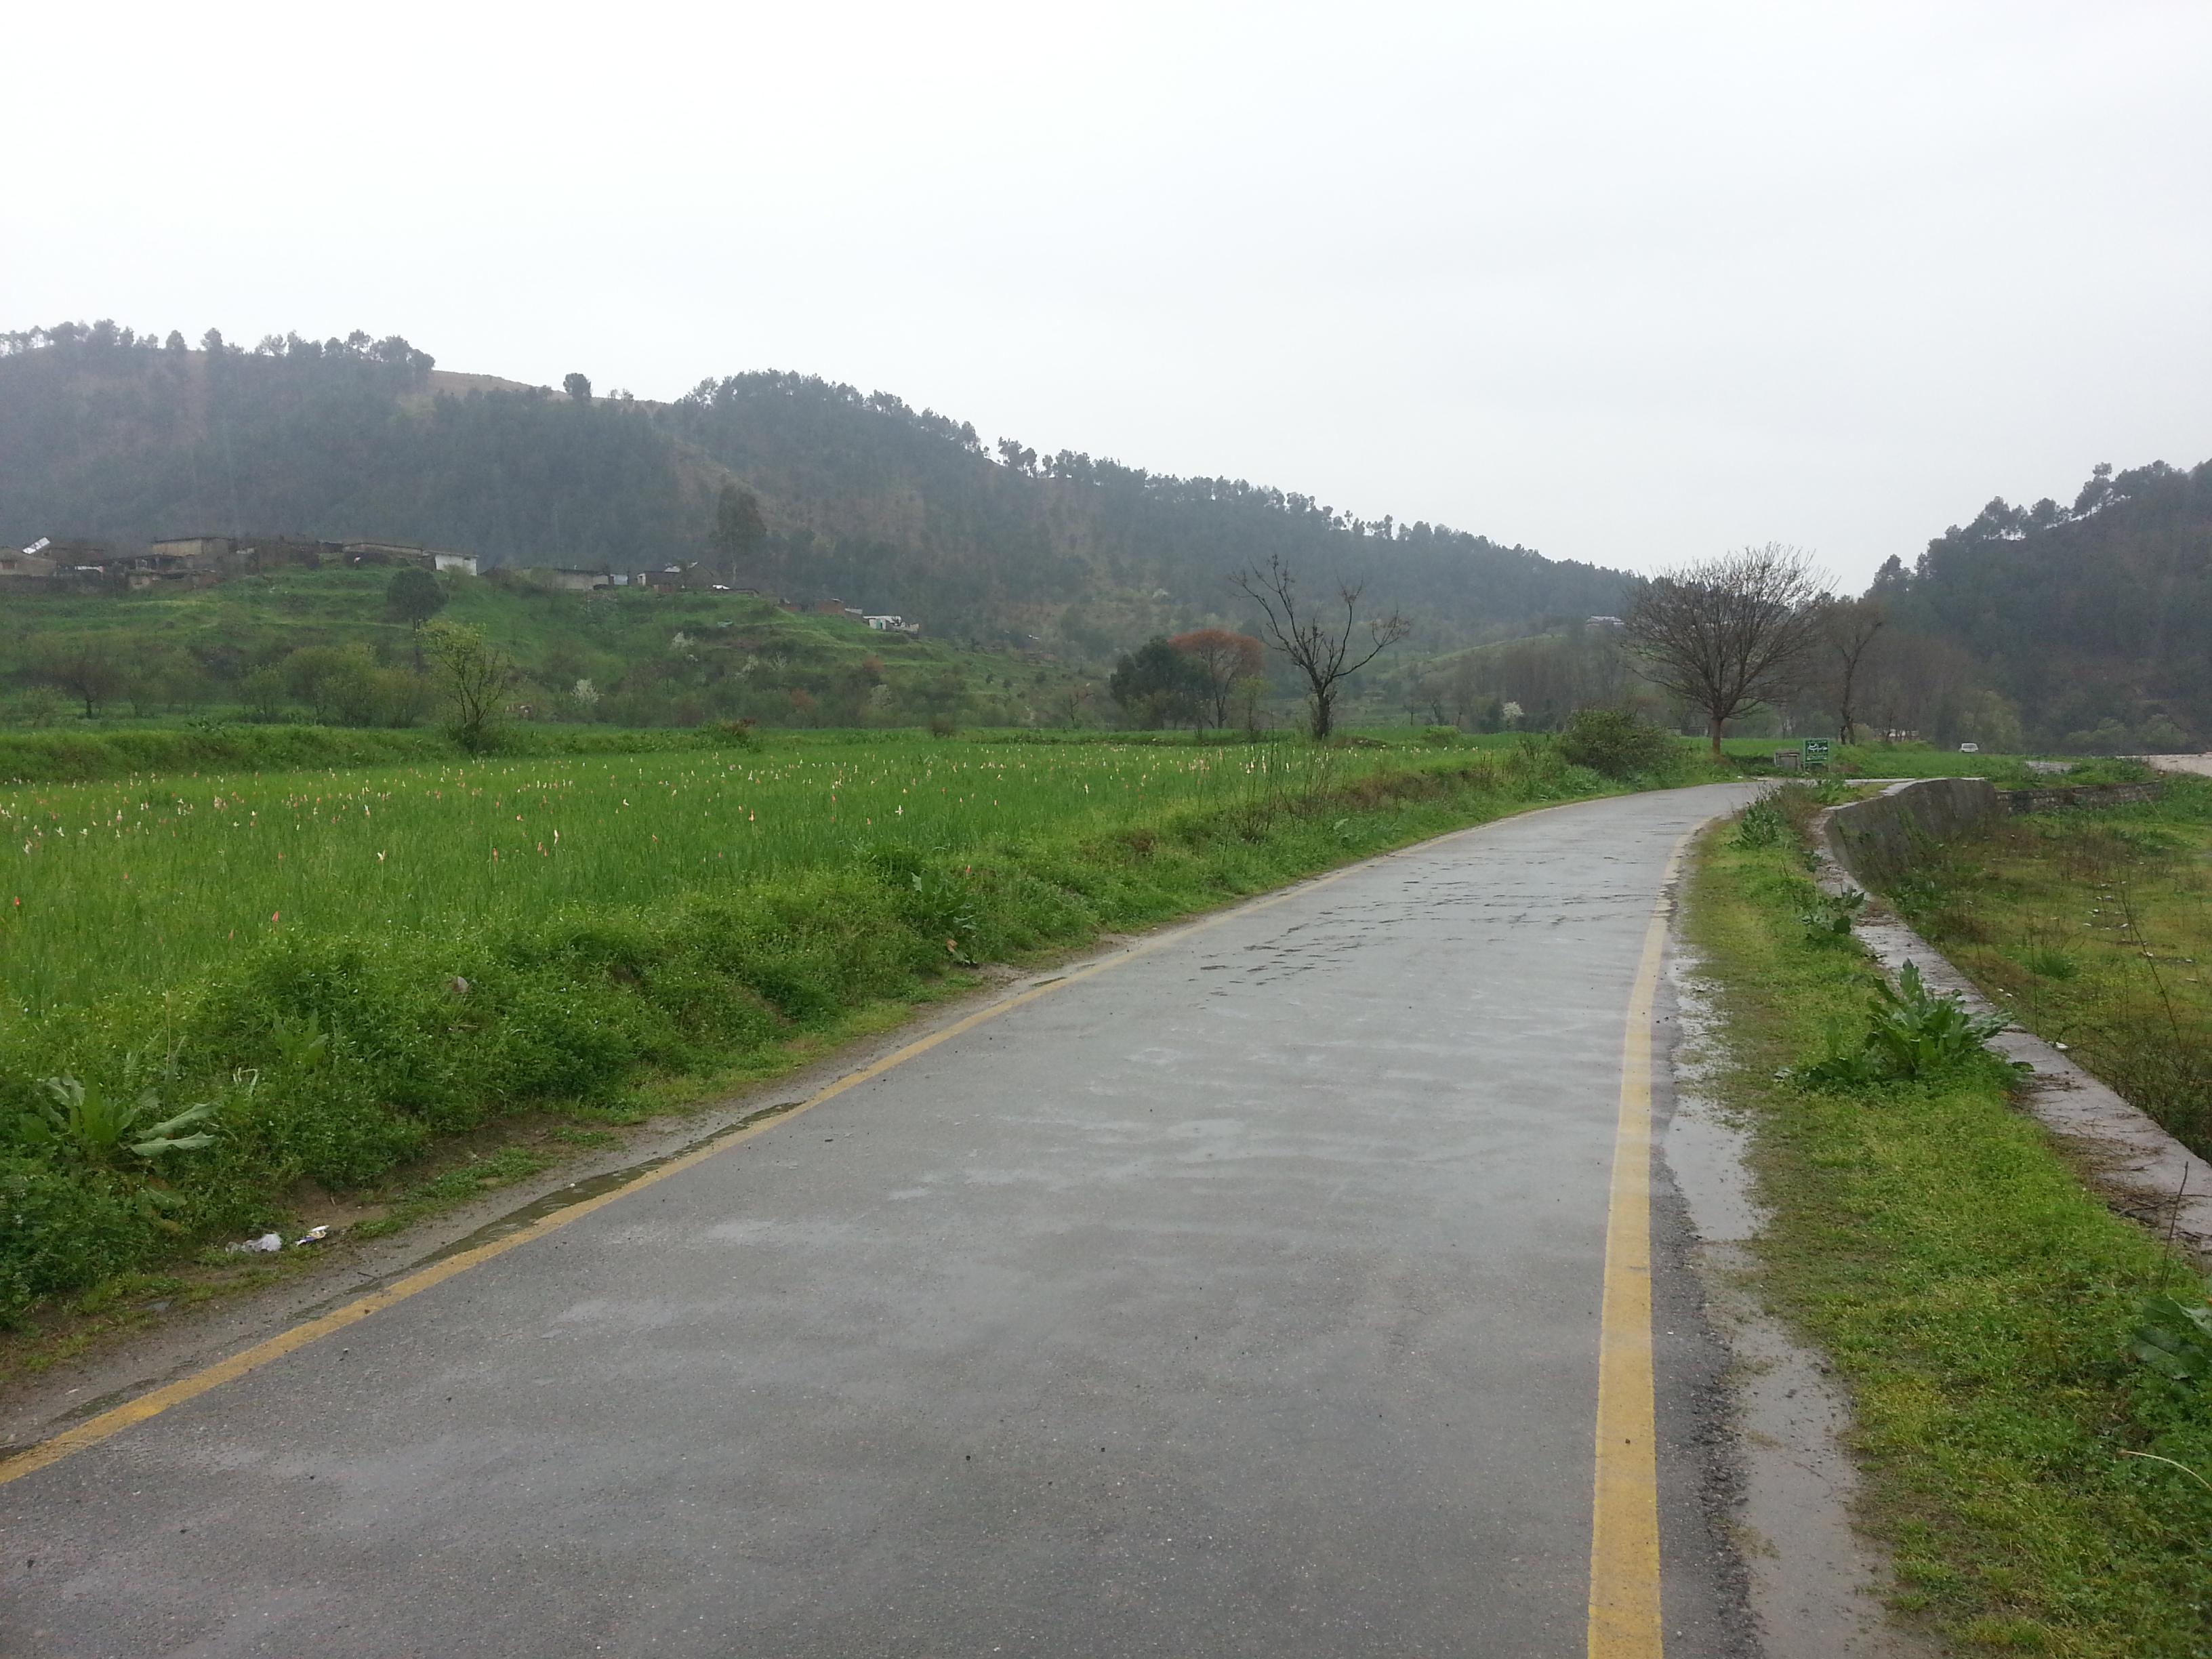 Beautiful scenery of wet road & Ghanttol flowers field